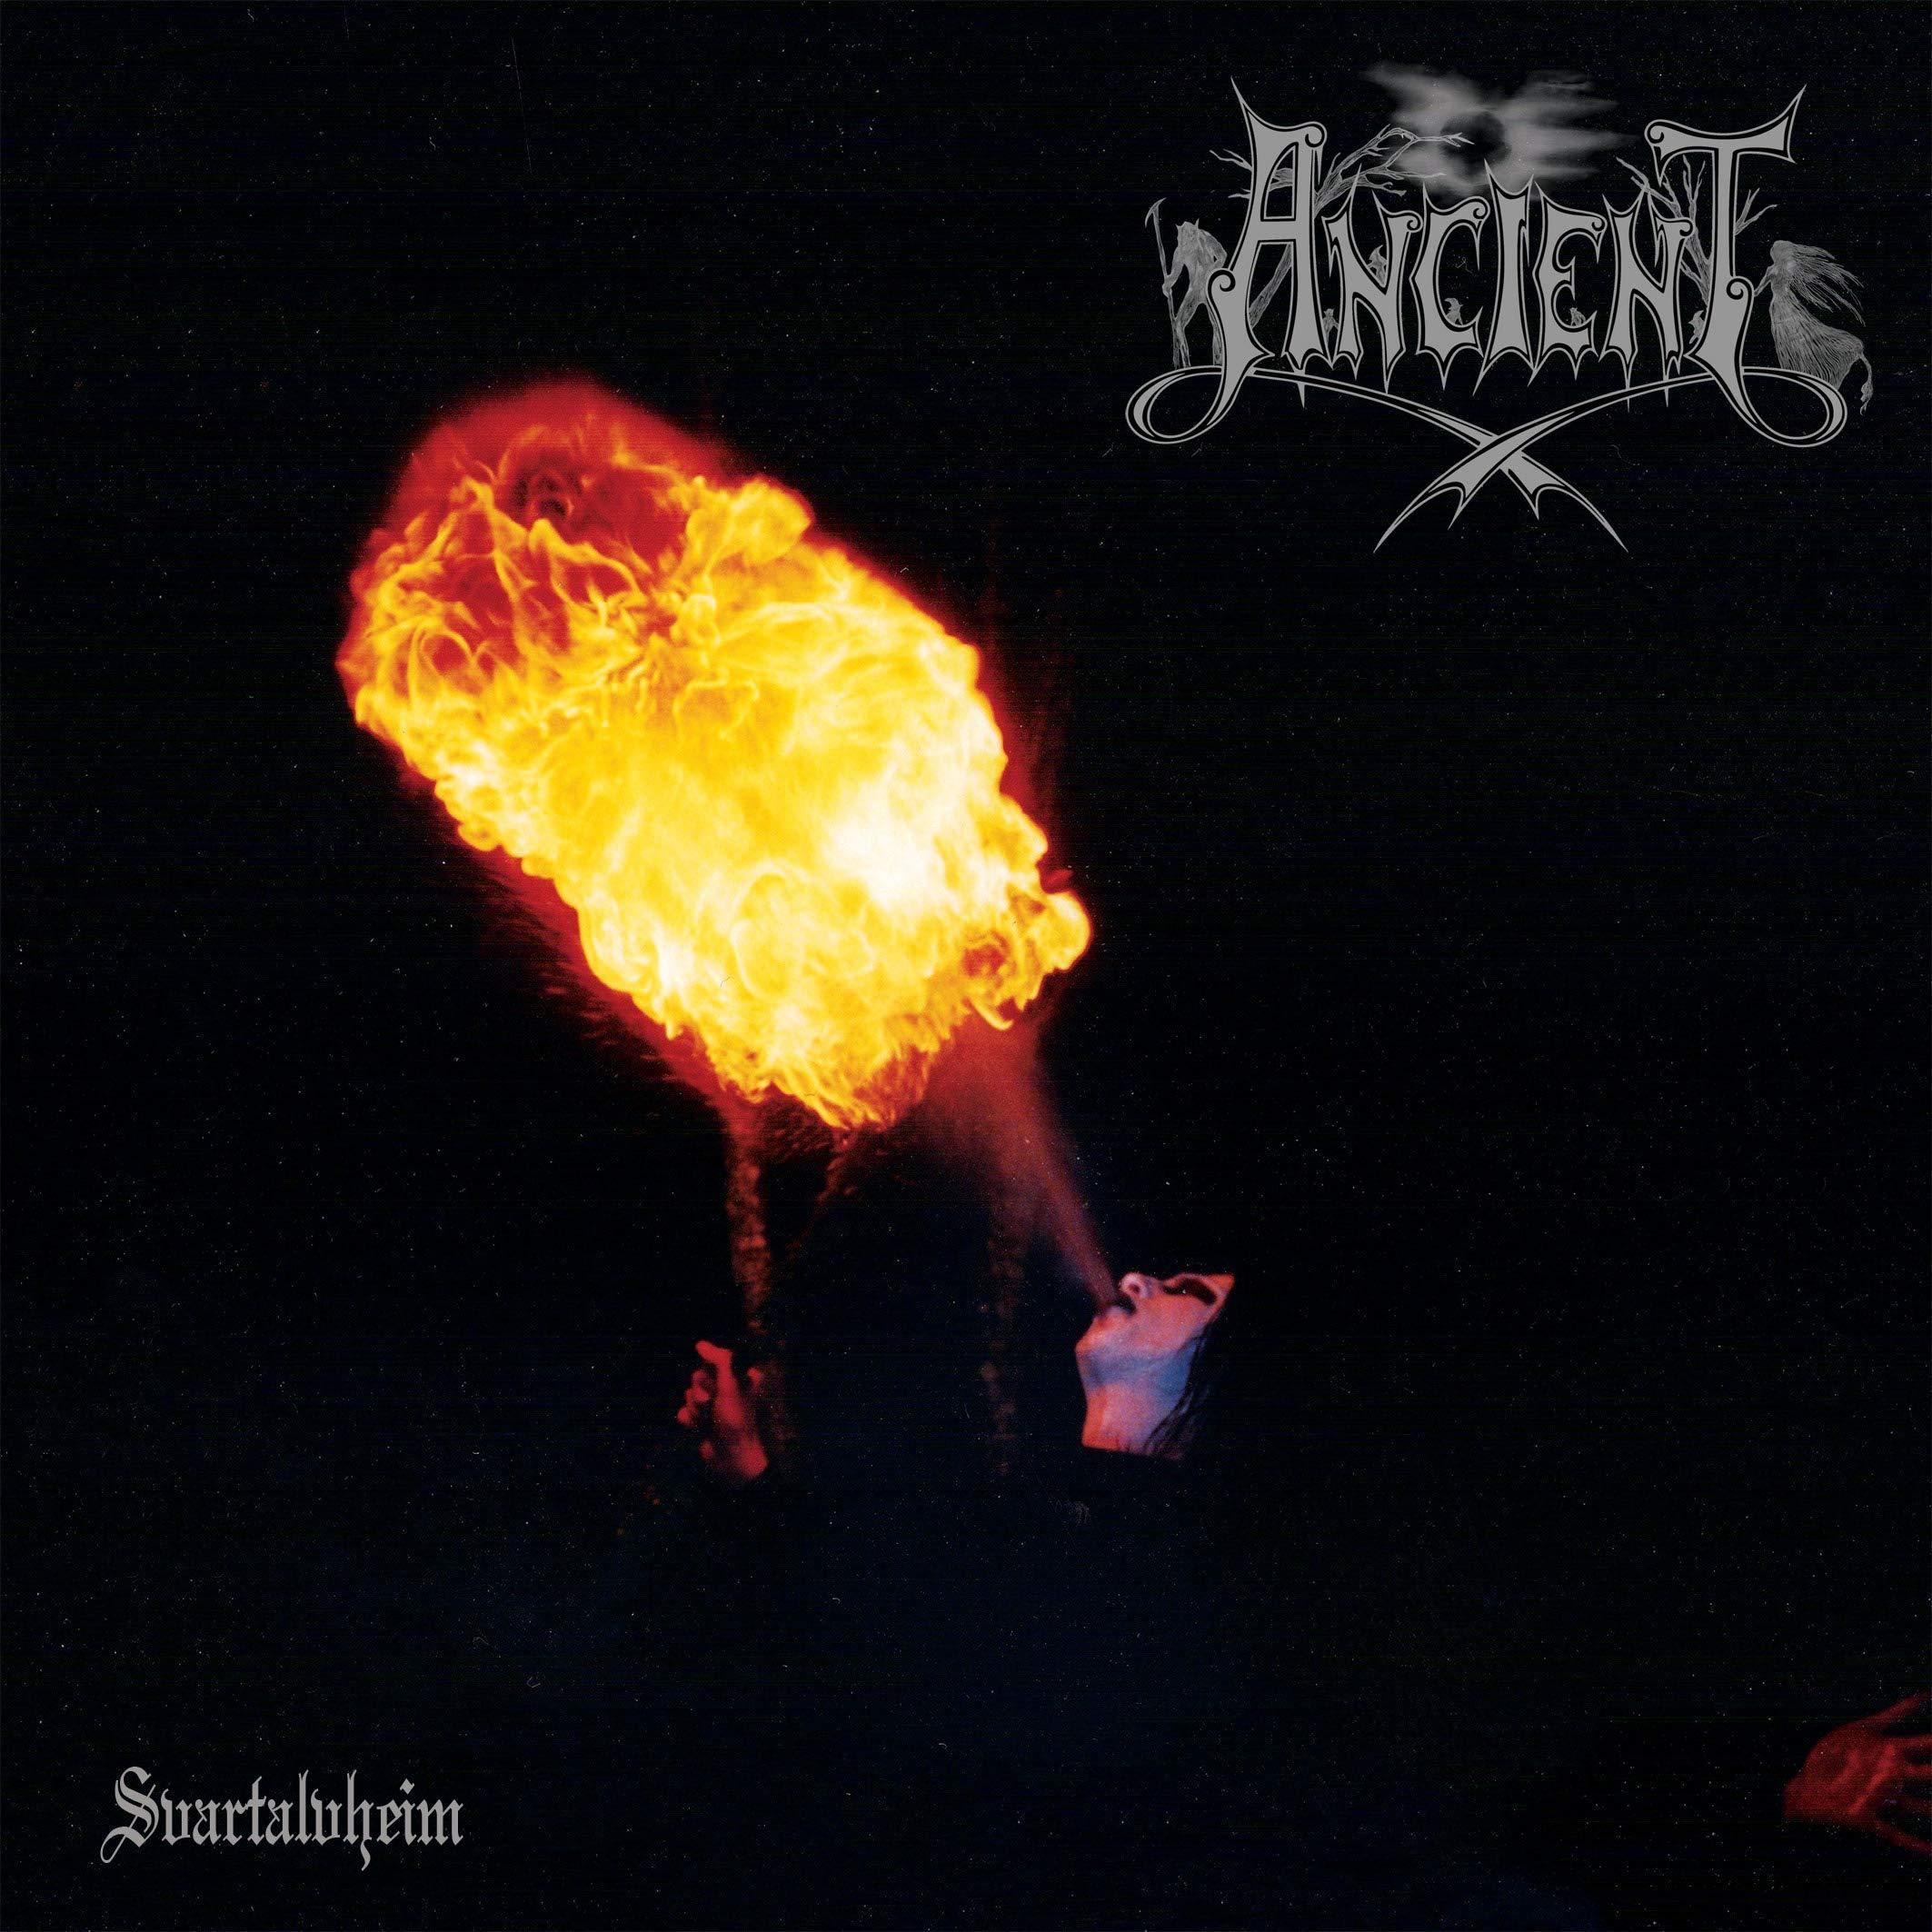 Vinilo : Ancient - Svartalvheim (Limited Edition, United Kingdom - Import)